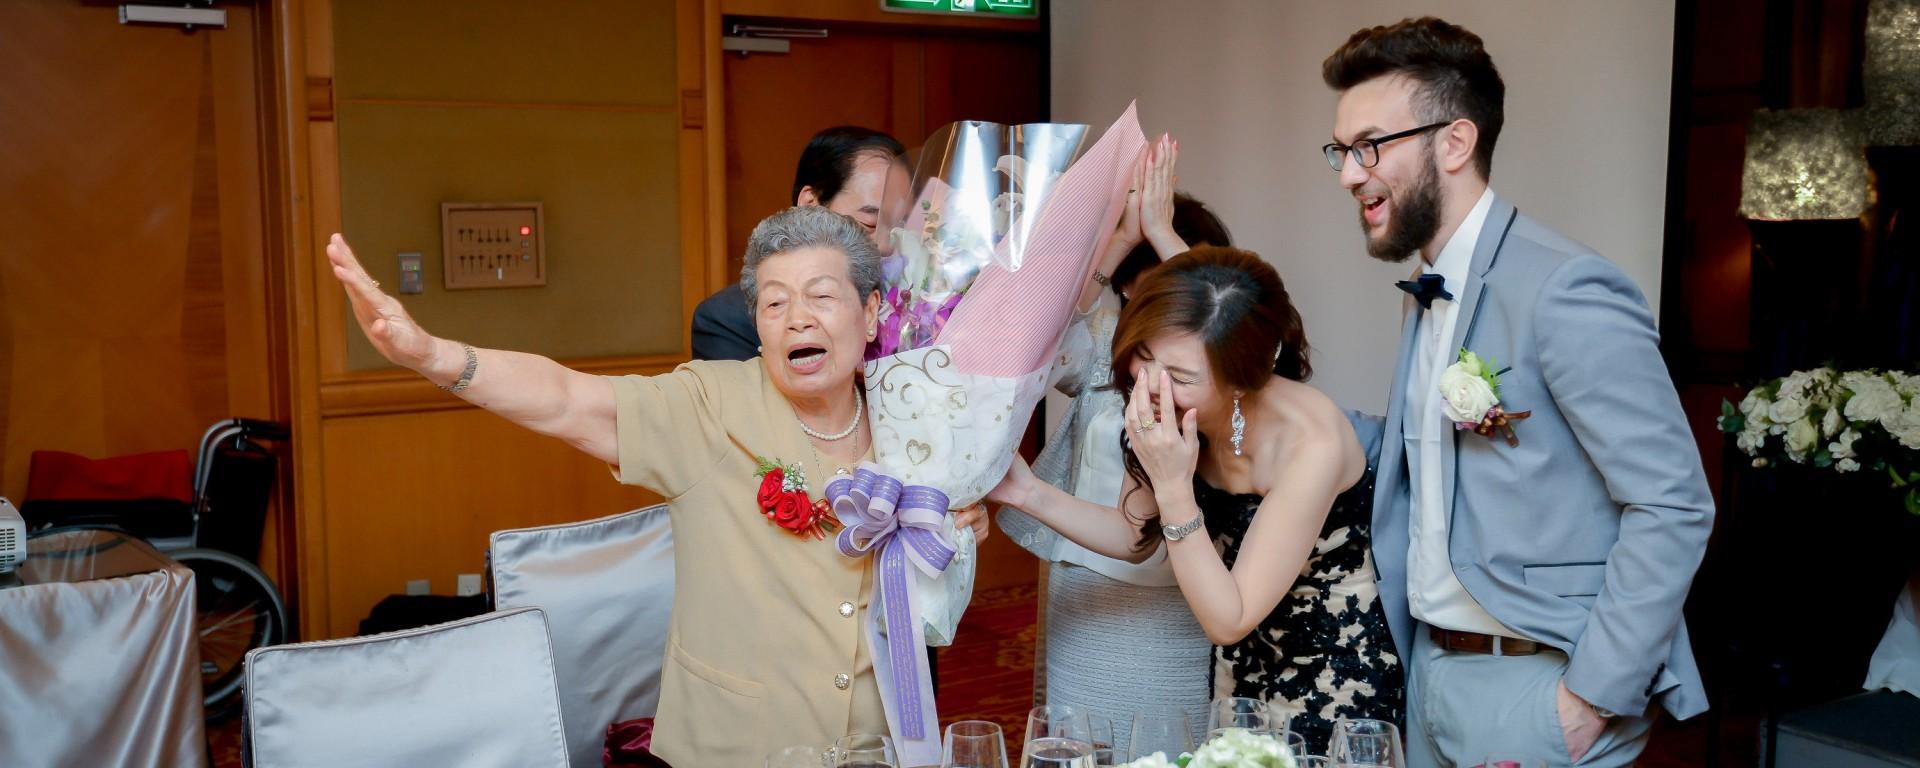 婚攝推薦-台北婚攝力元